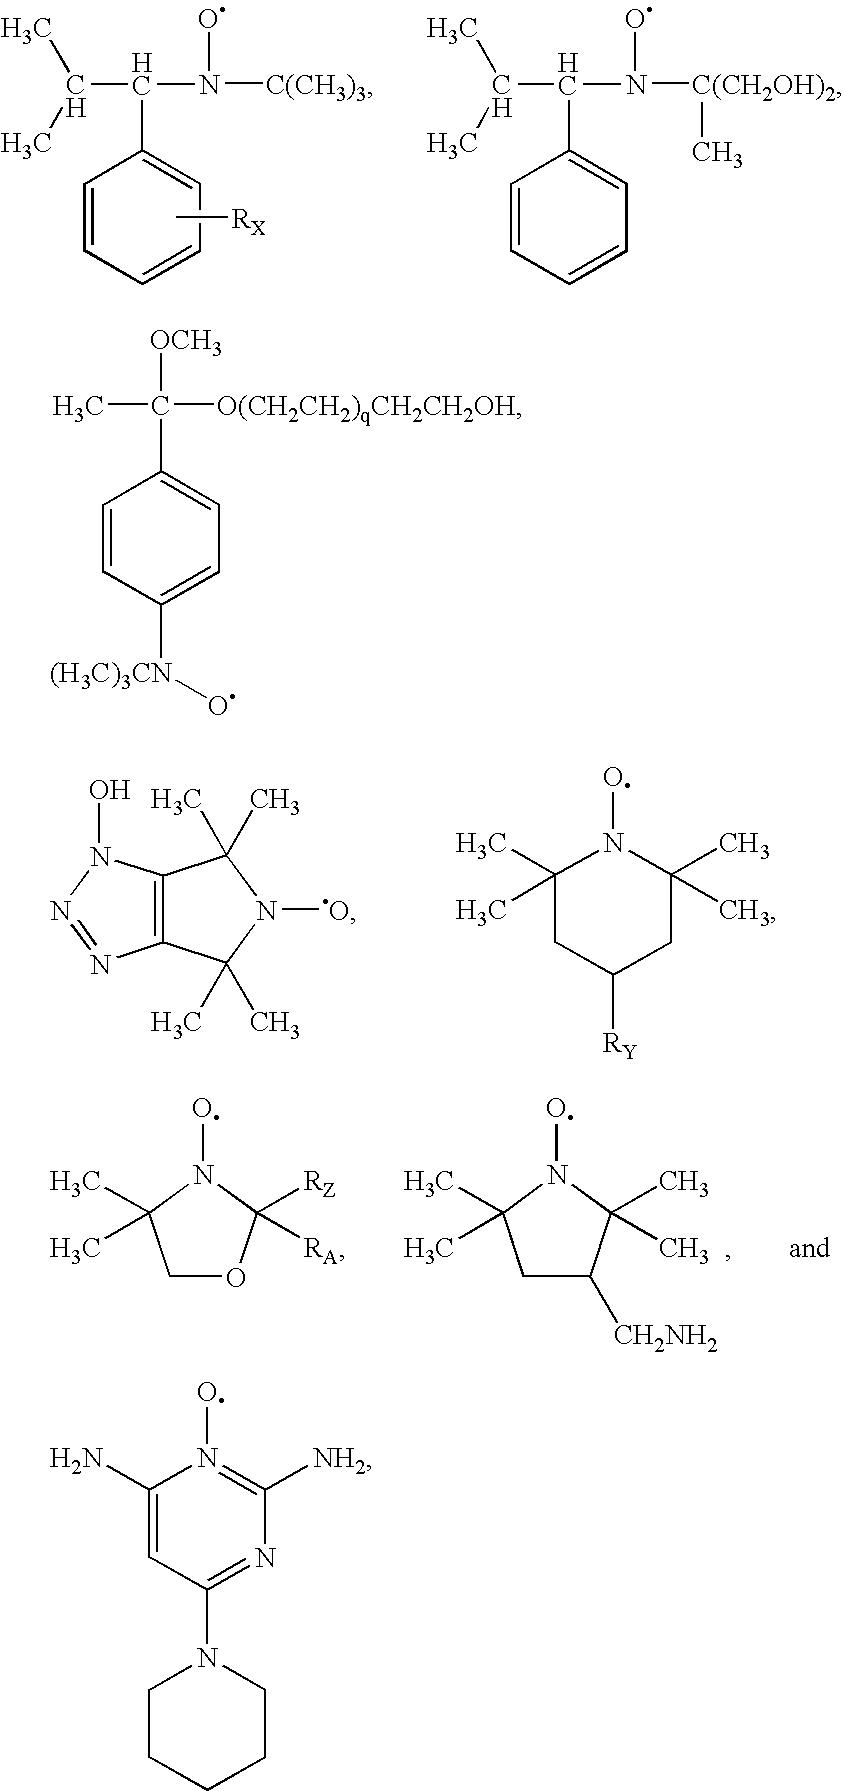 Figure US20080014245A1-20080117-C00050